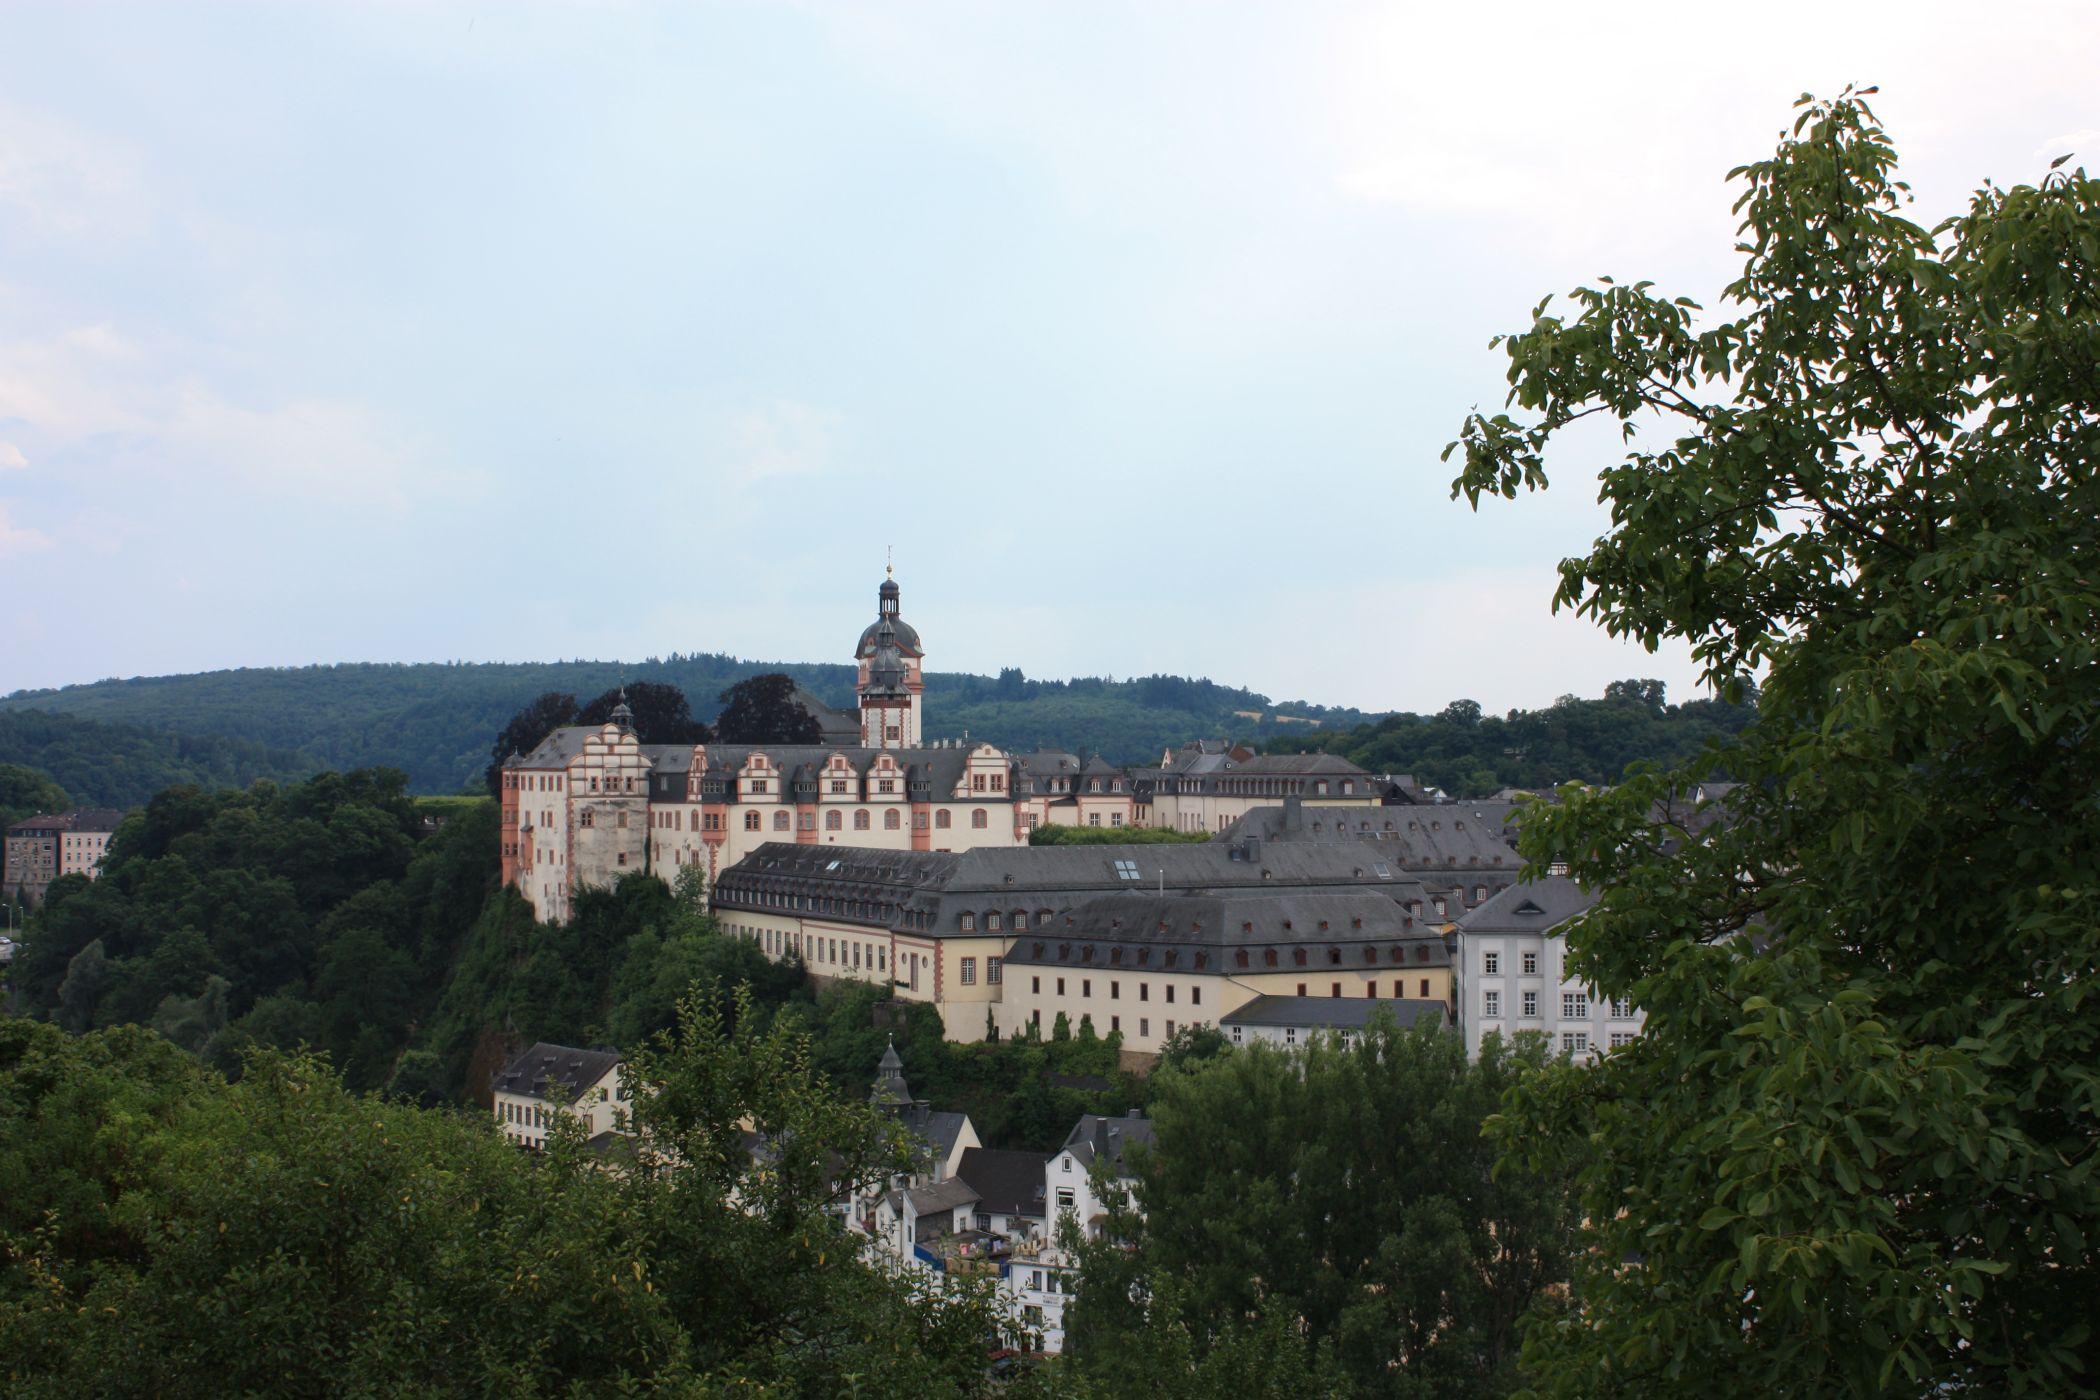 Single weilburg